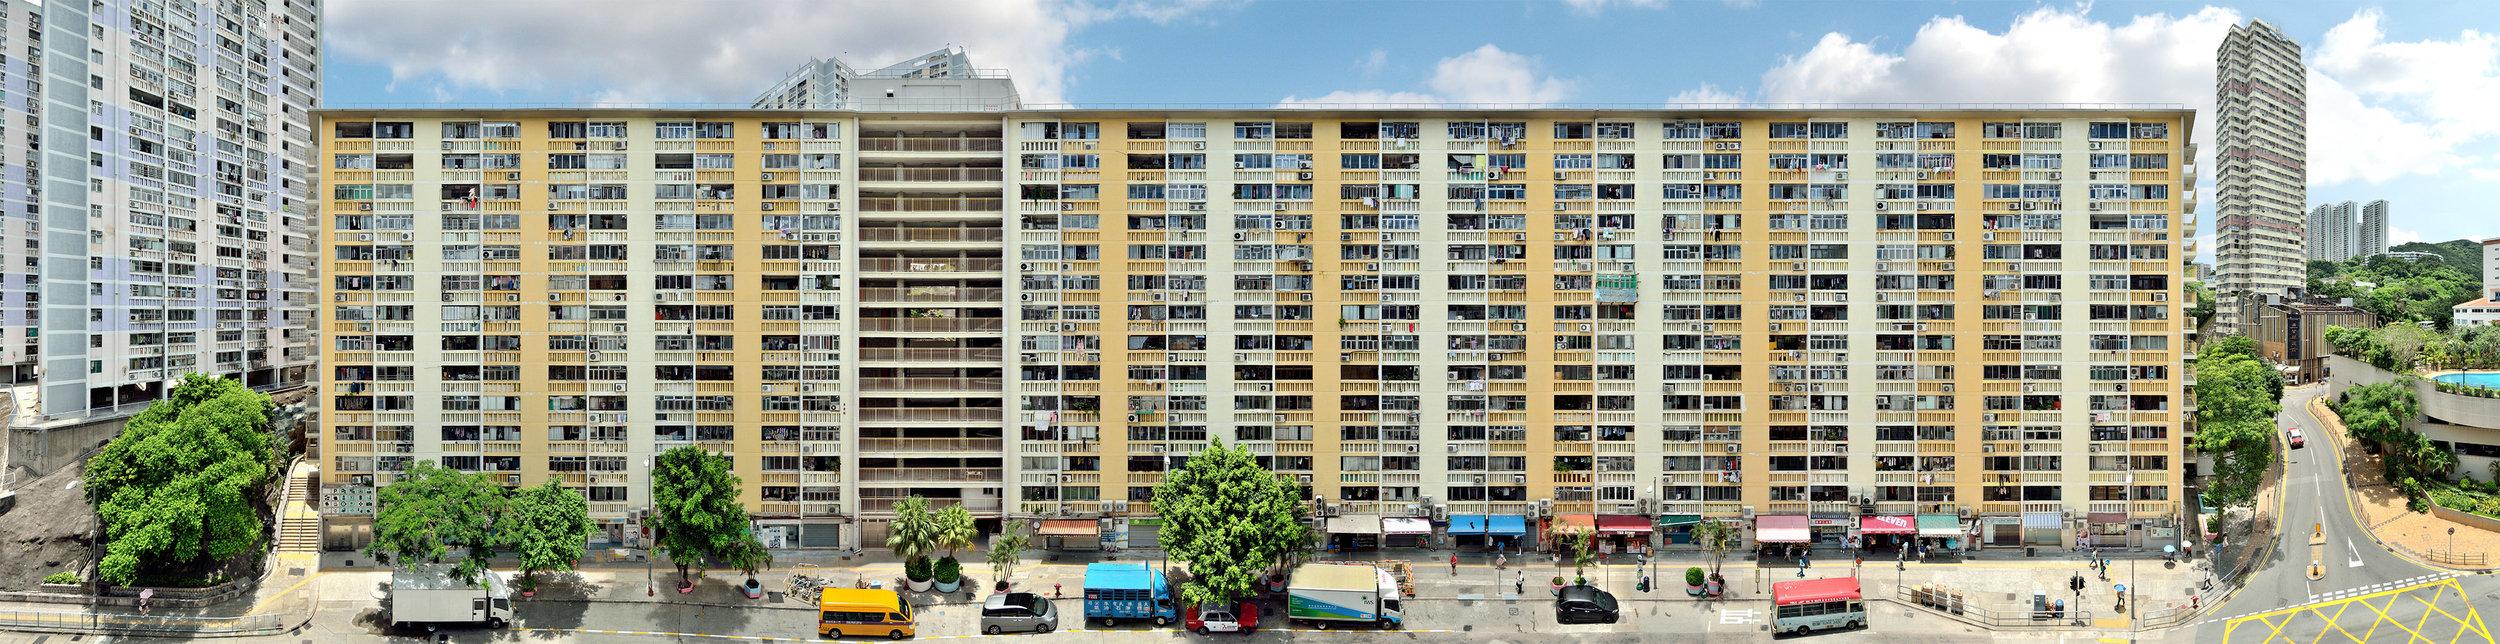 Stefan Irvine & Jörg Dietrich 'Wah Fu Estate, Pok Fu Lam' (Hong Kong, 2017) Courtesy of Blue Lotus Gallery.jpg